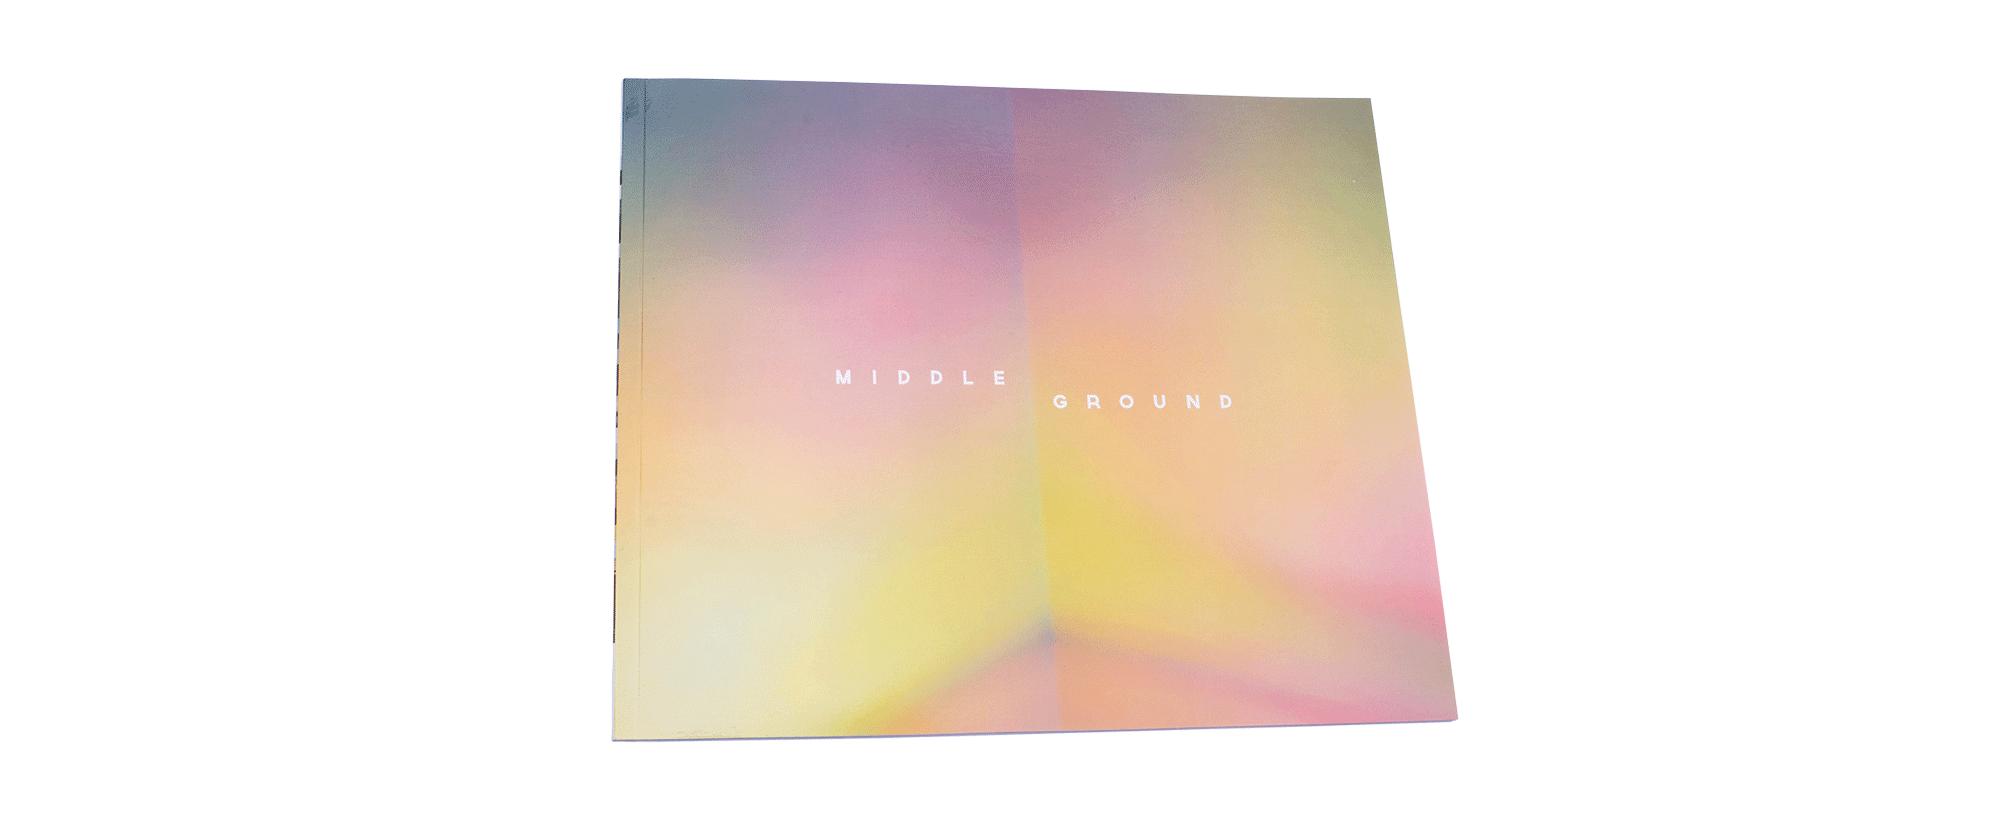 Middle Ground Collaborative Photo Book Cover Design - Loren Marple